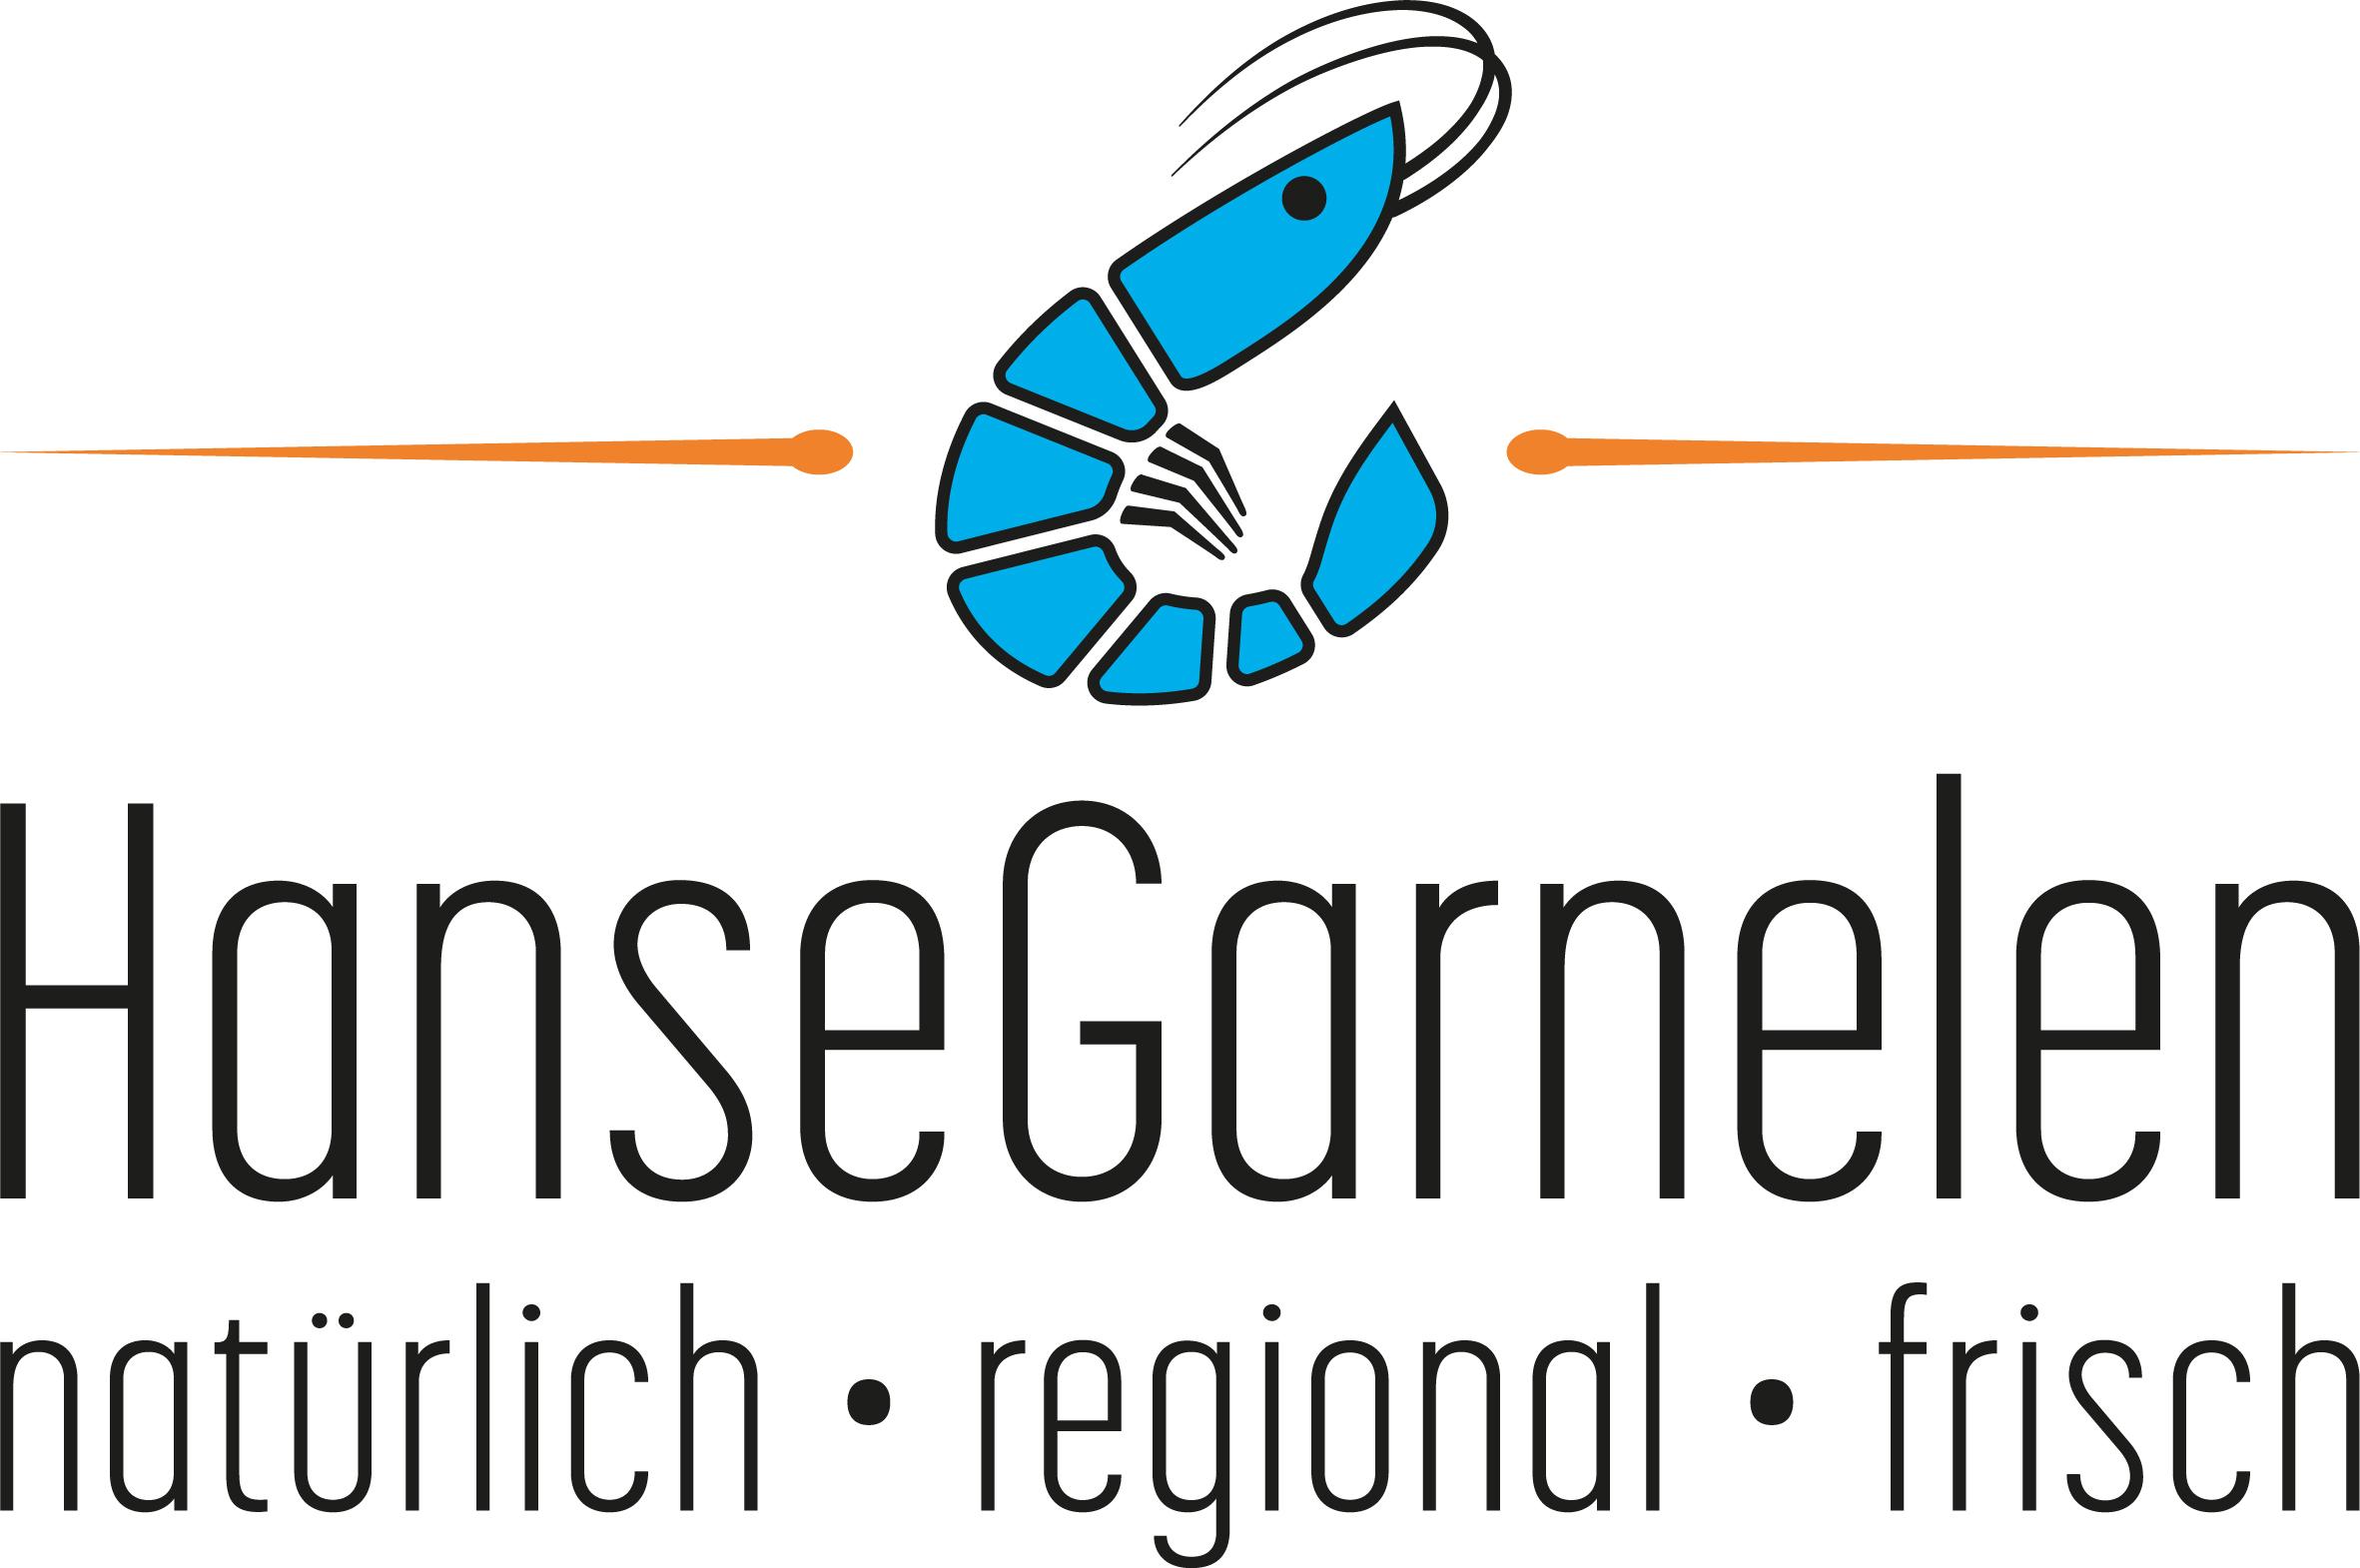 Die HanseGarnelen AG errichtet eine weitere Heimat für die Zucht von frischen Garnelen.